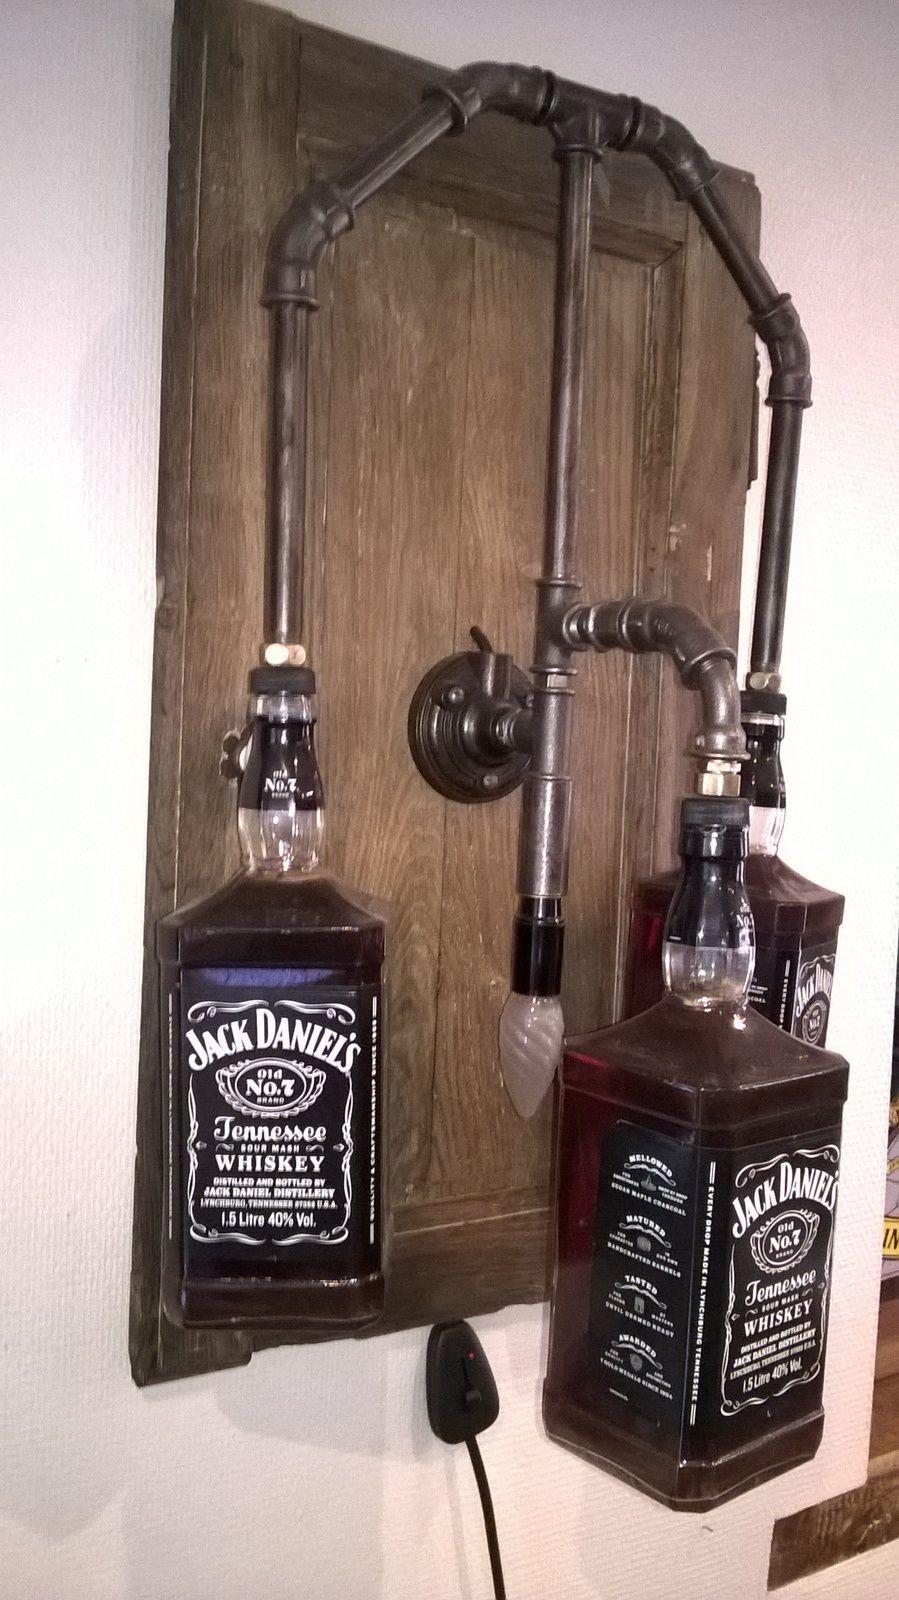 Dans la pure tradition des pendules , cette applique sur base de porte de placard en chêne . Les bouteilles de Jack Daniel's ont été bues et le contenu remplacé par du thé .